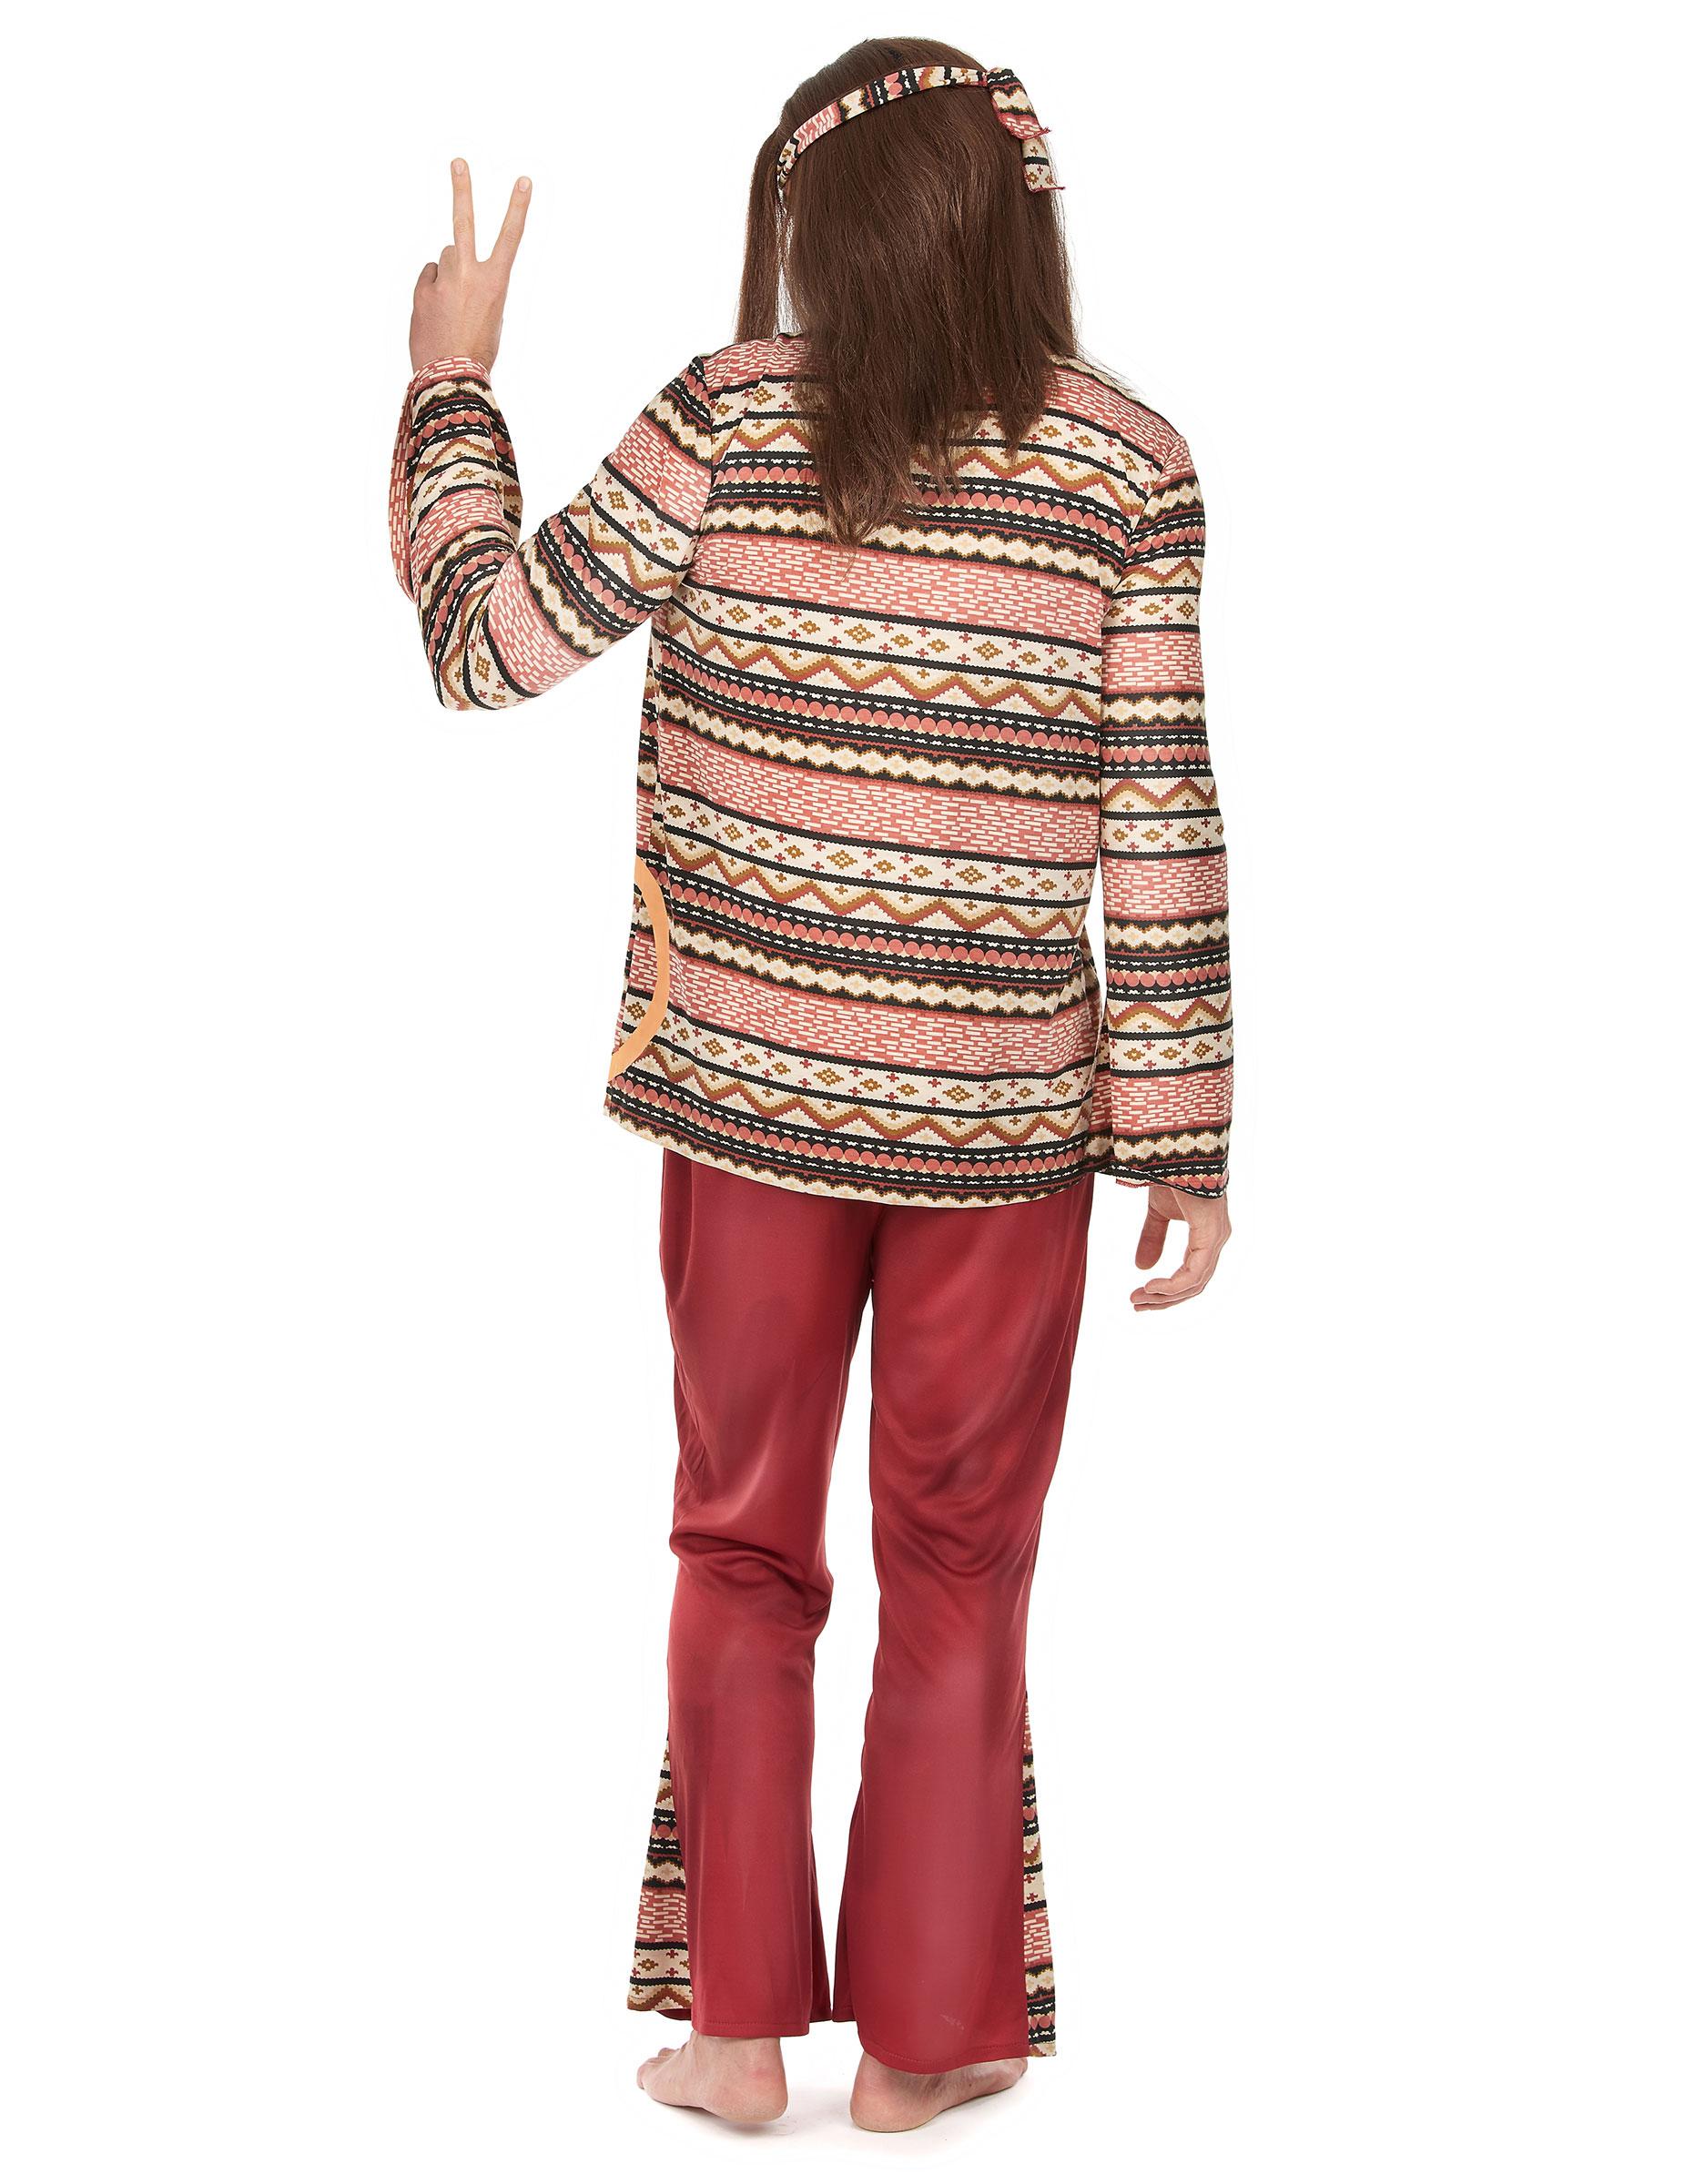 Déguisement hippie bordeaux homme   Deguise-toi, achat de ... cf2e21362a71